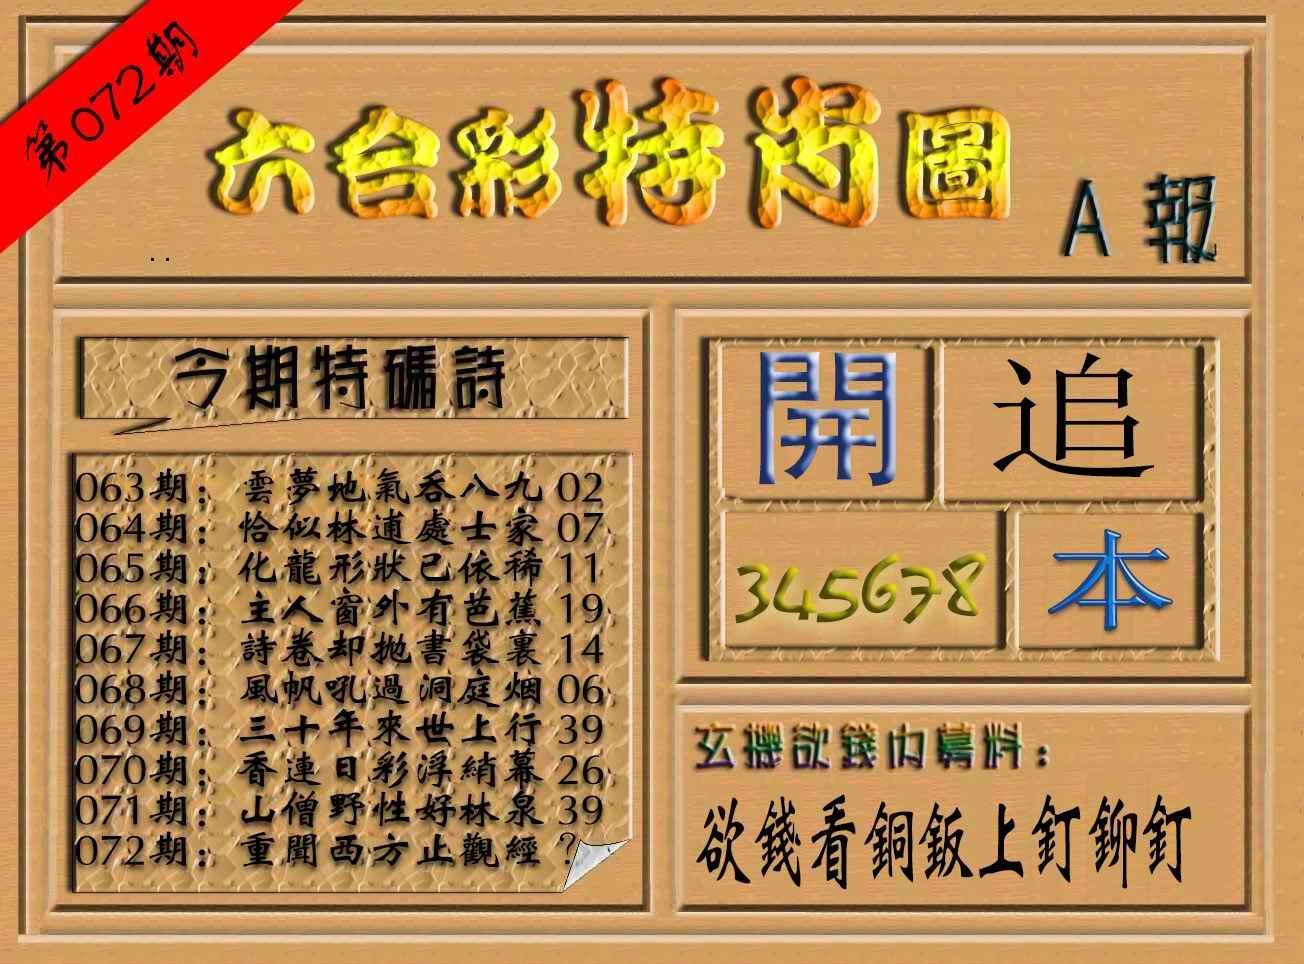 072期六合彩特肖图(A报)